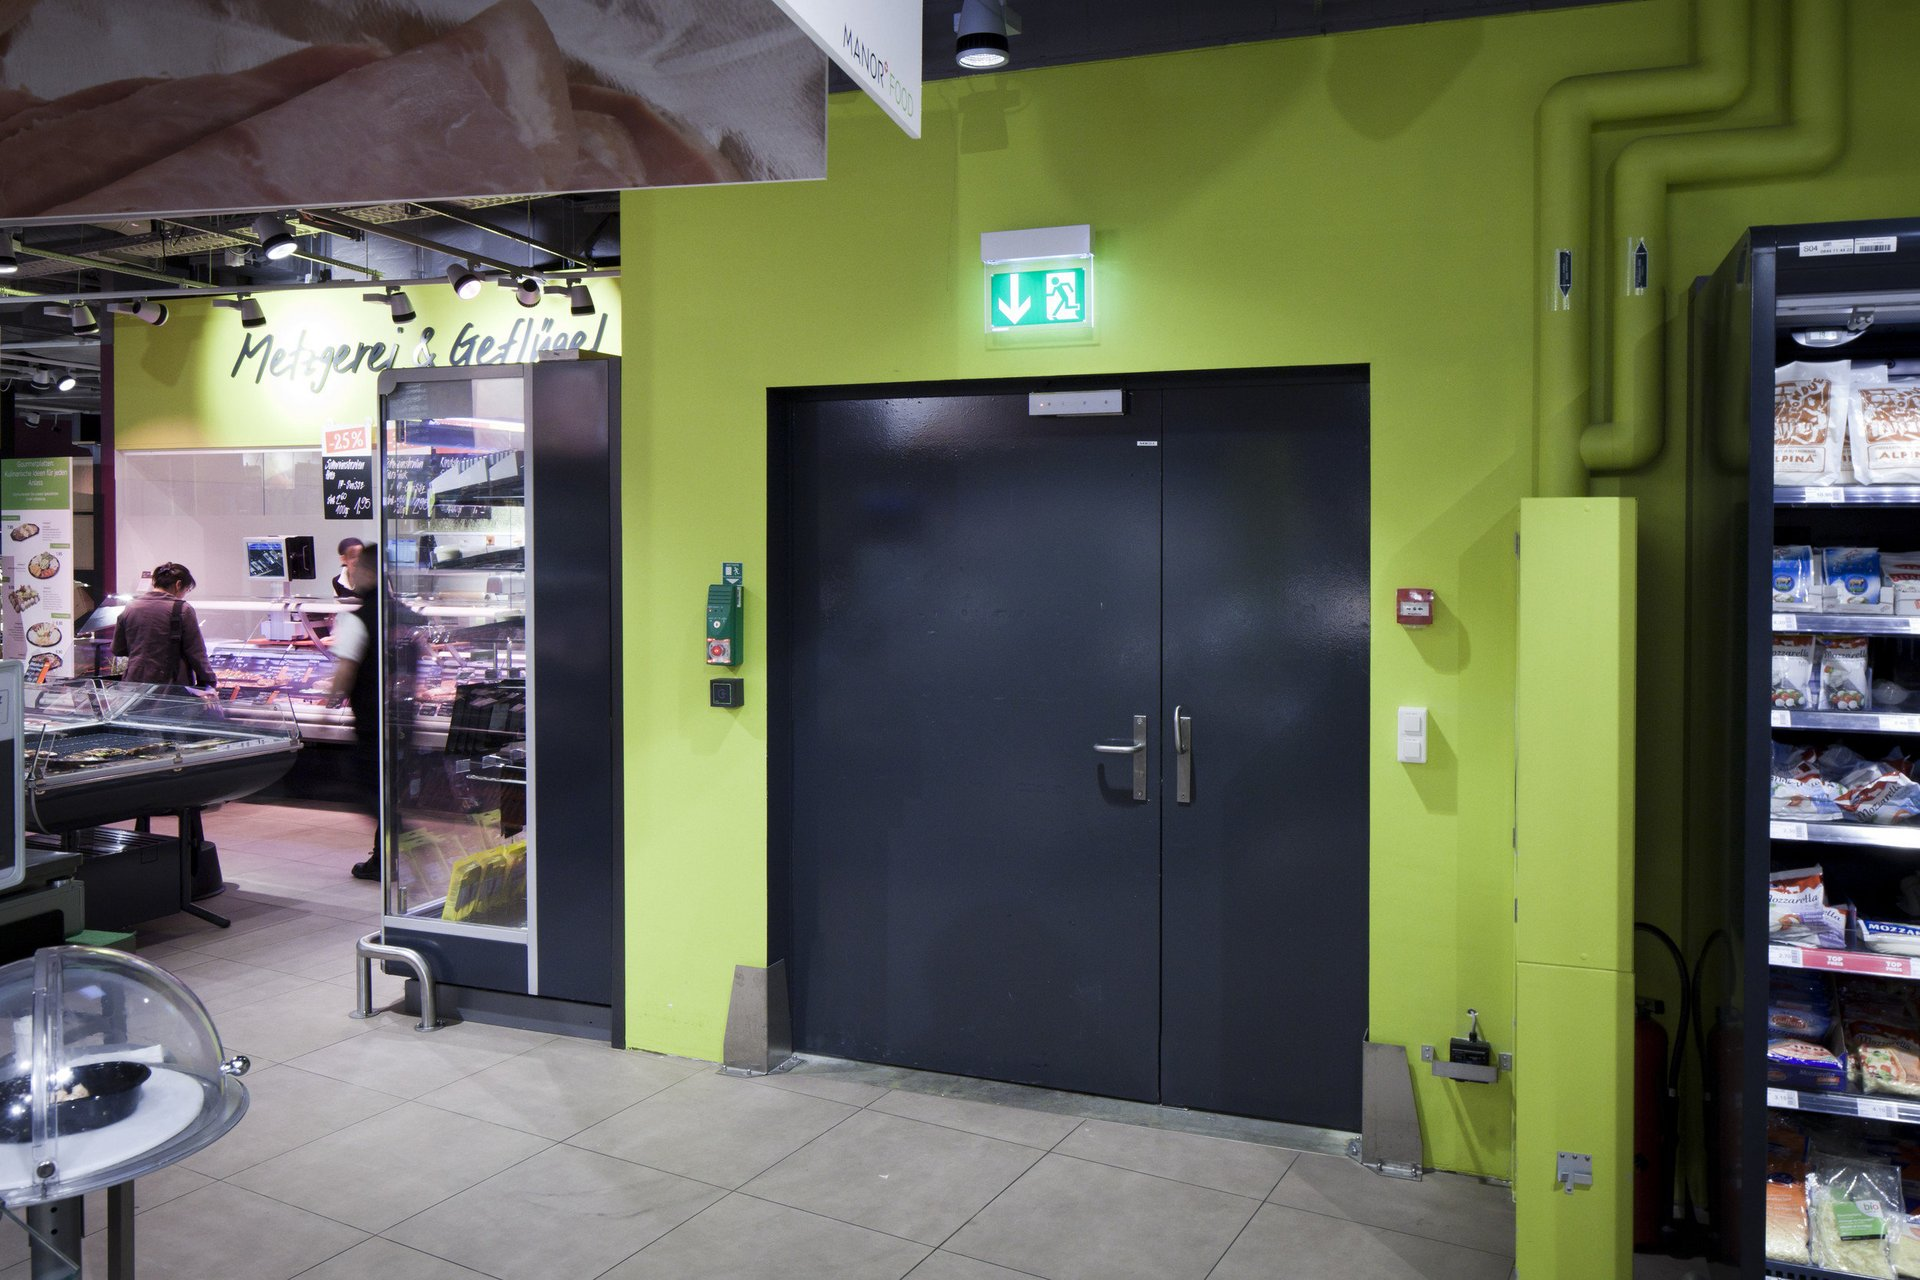 Zweiteilige Brandschutztür mit grossem und kleinem Teil und grüner Wand darum